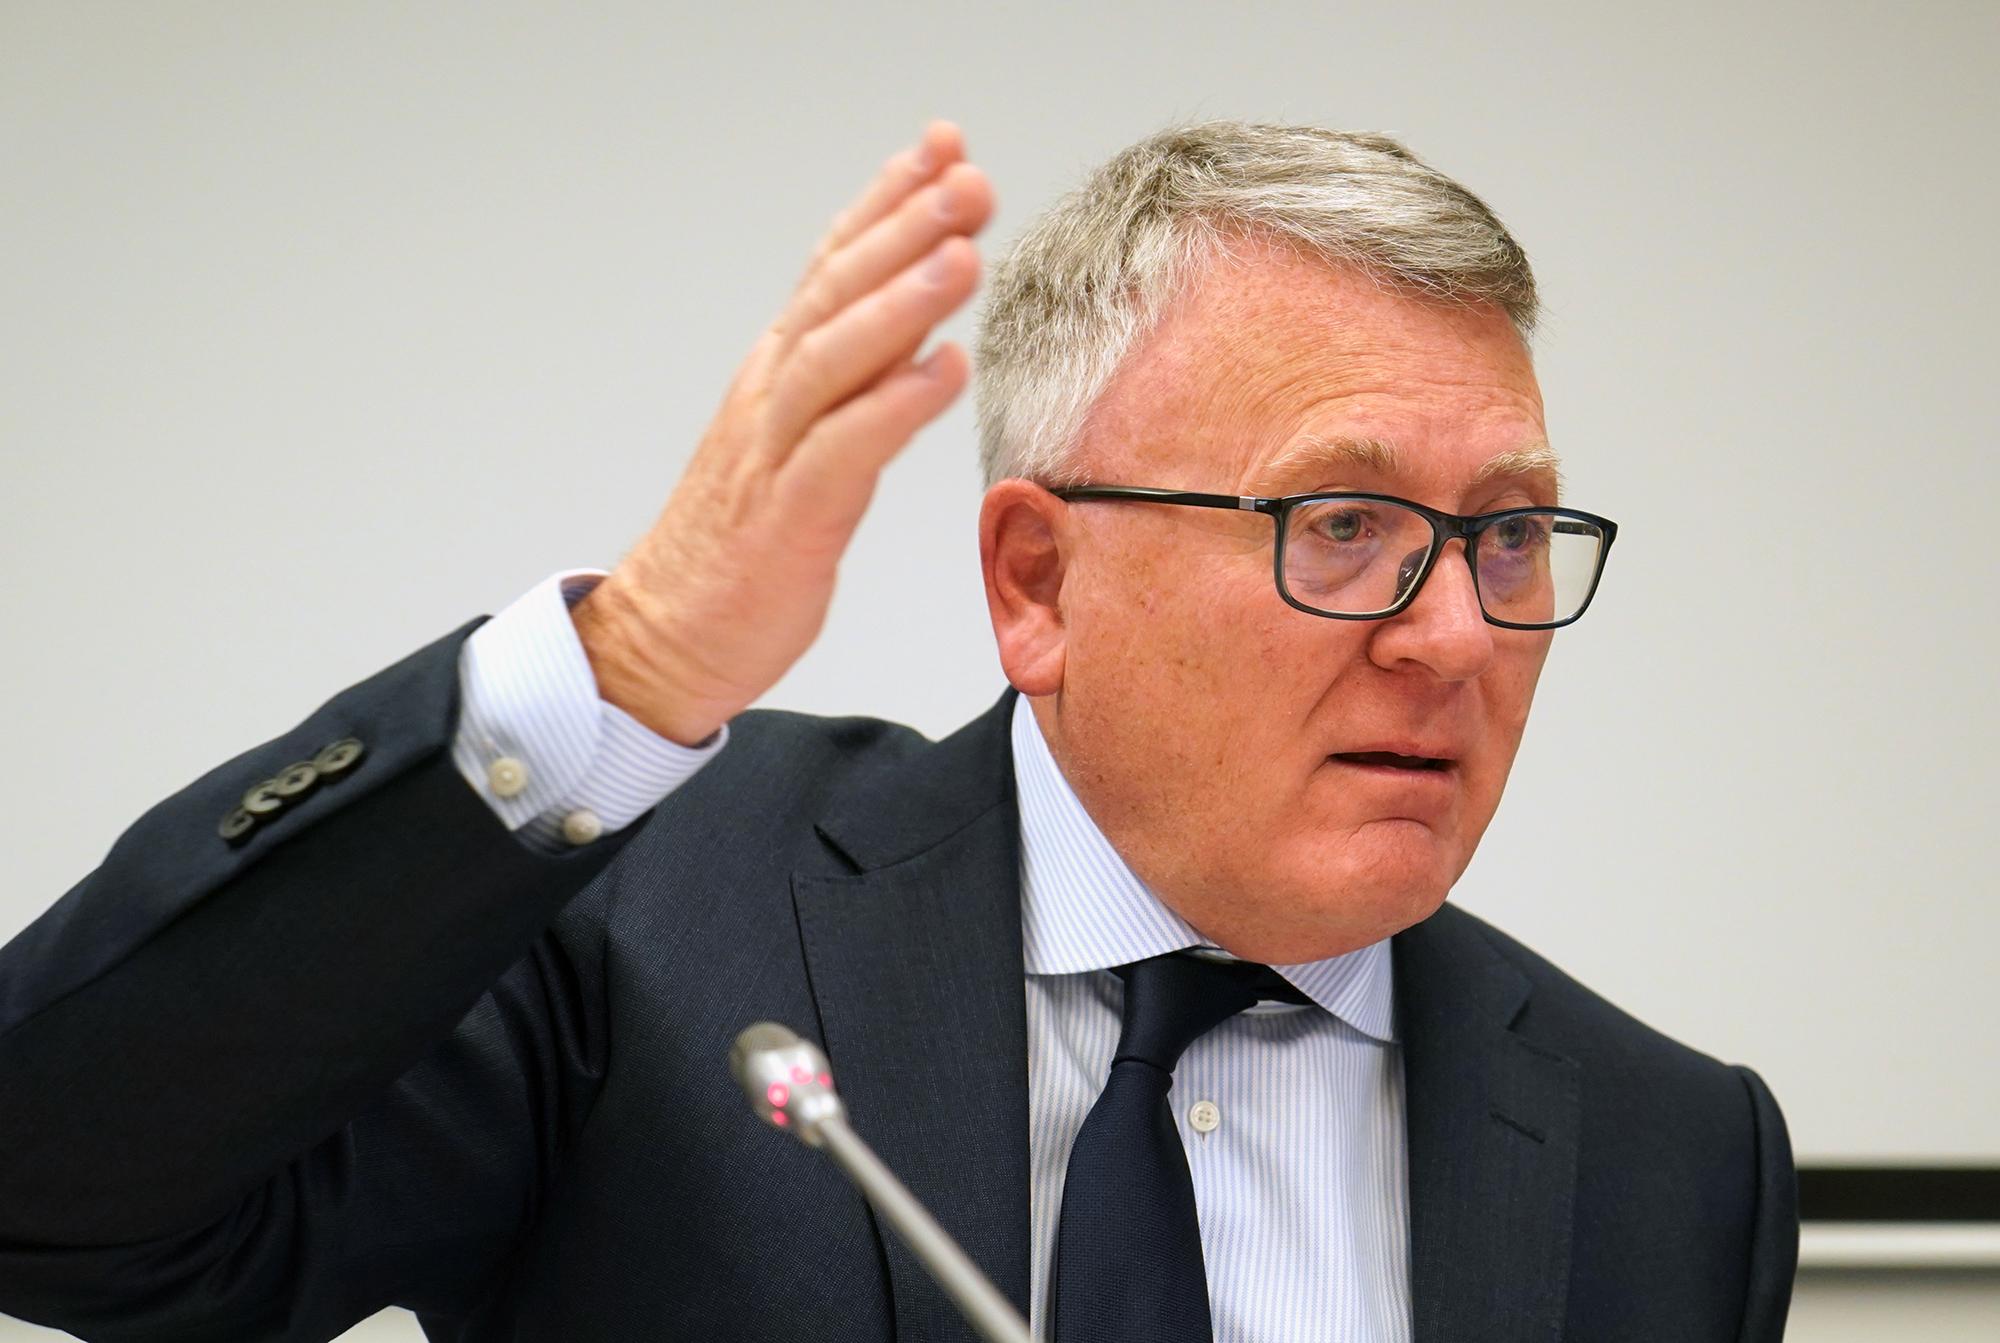 Nicolas Schmit, Comissário Europeu para o Emprego e Direitos Sociais